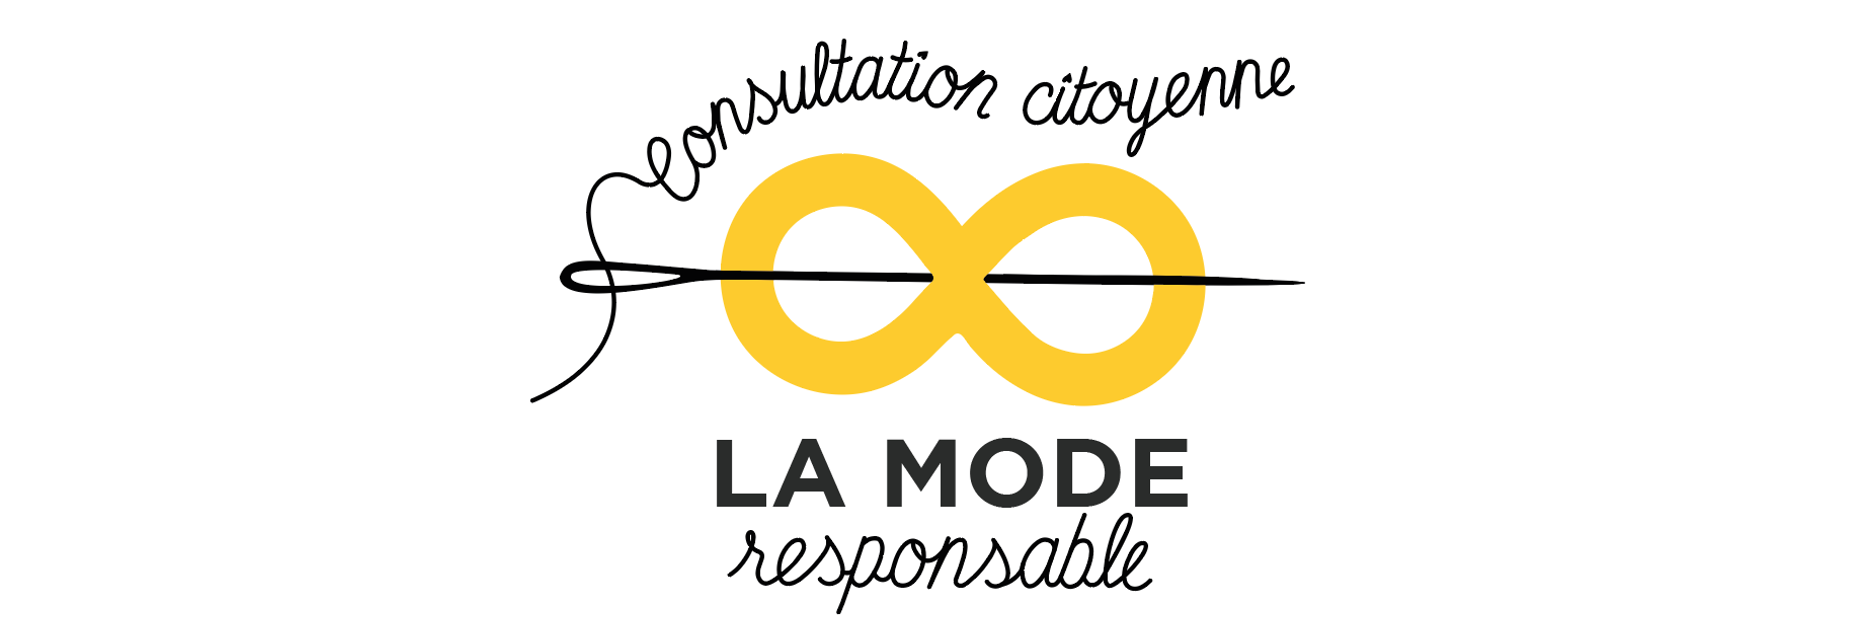 Logo consultation citoyenne